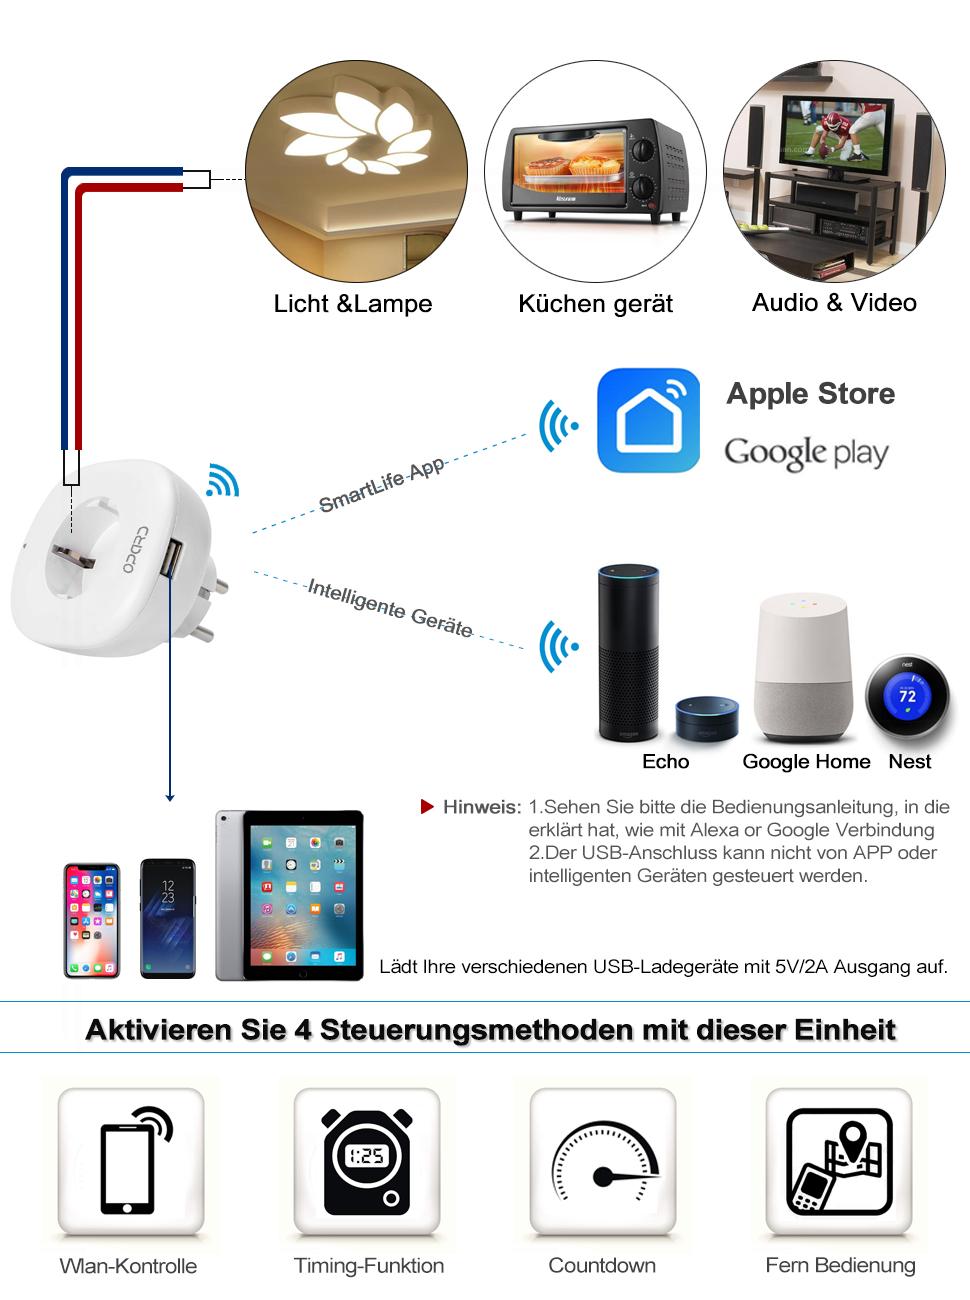 Atemberaubend Elektrische Kabelklemmen Rasten Ein Bilder ...